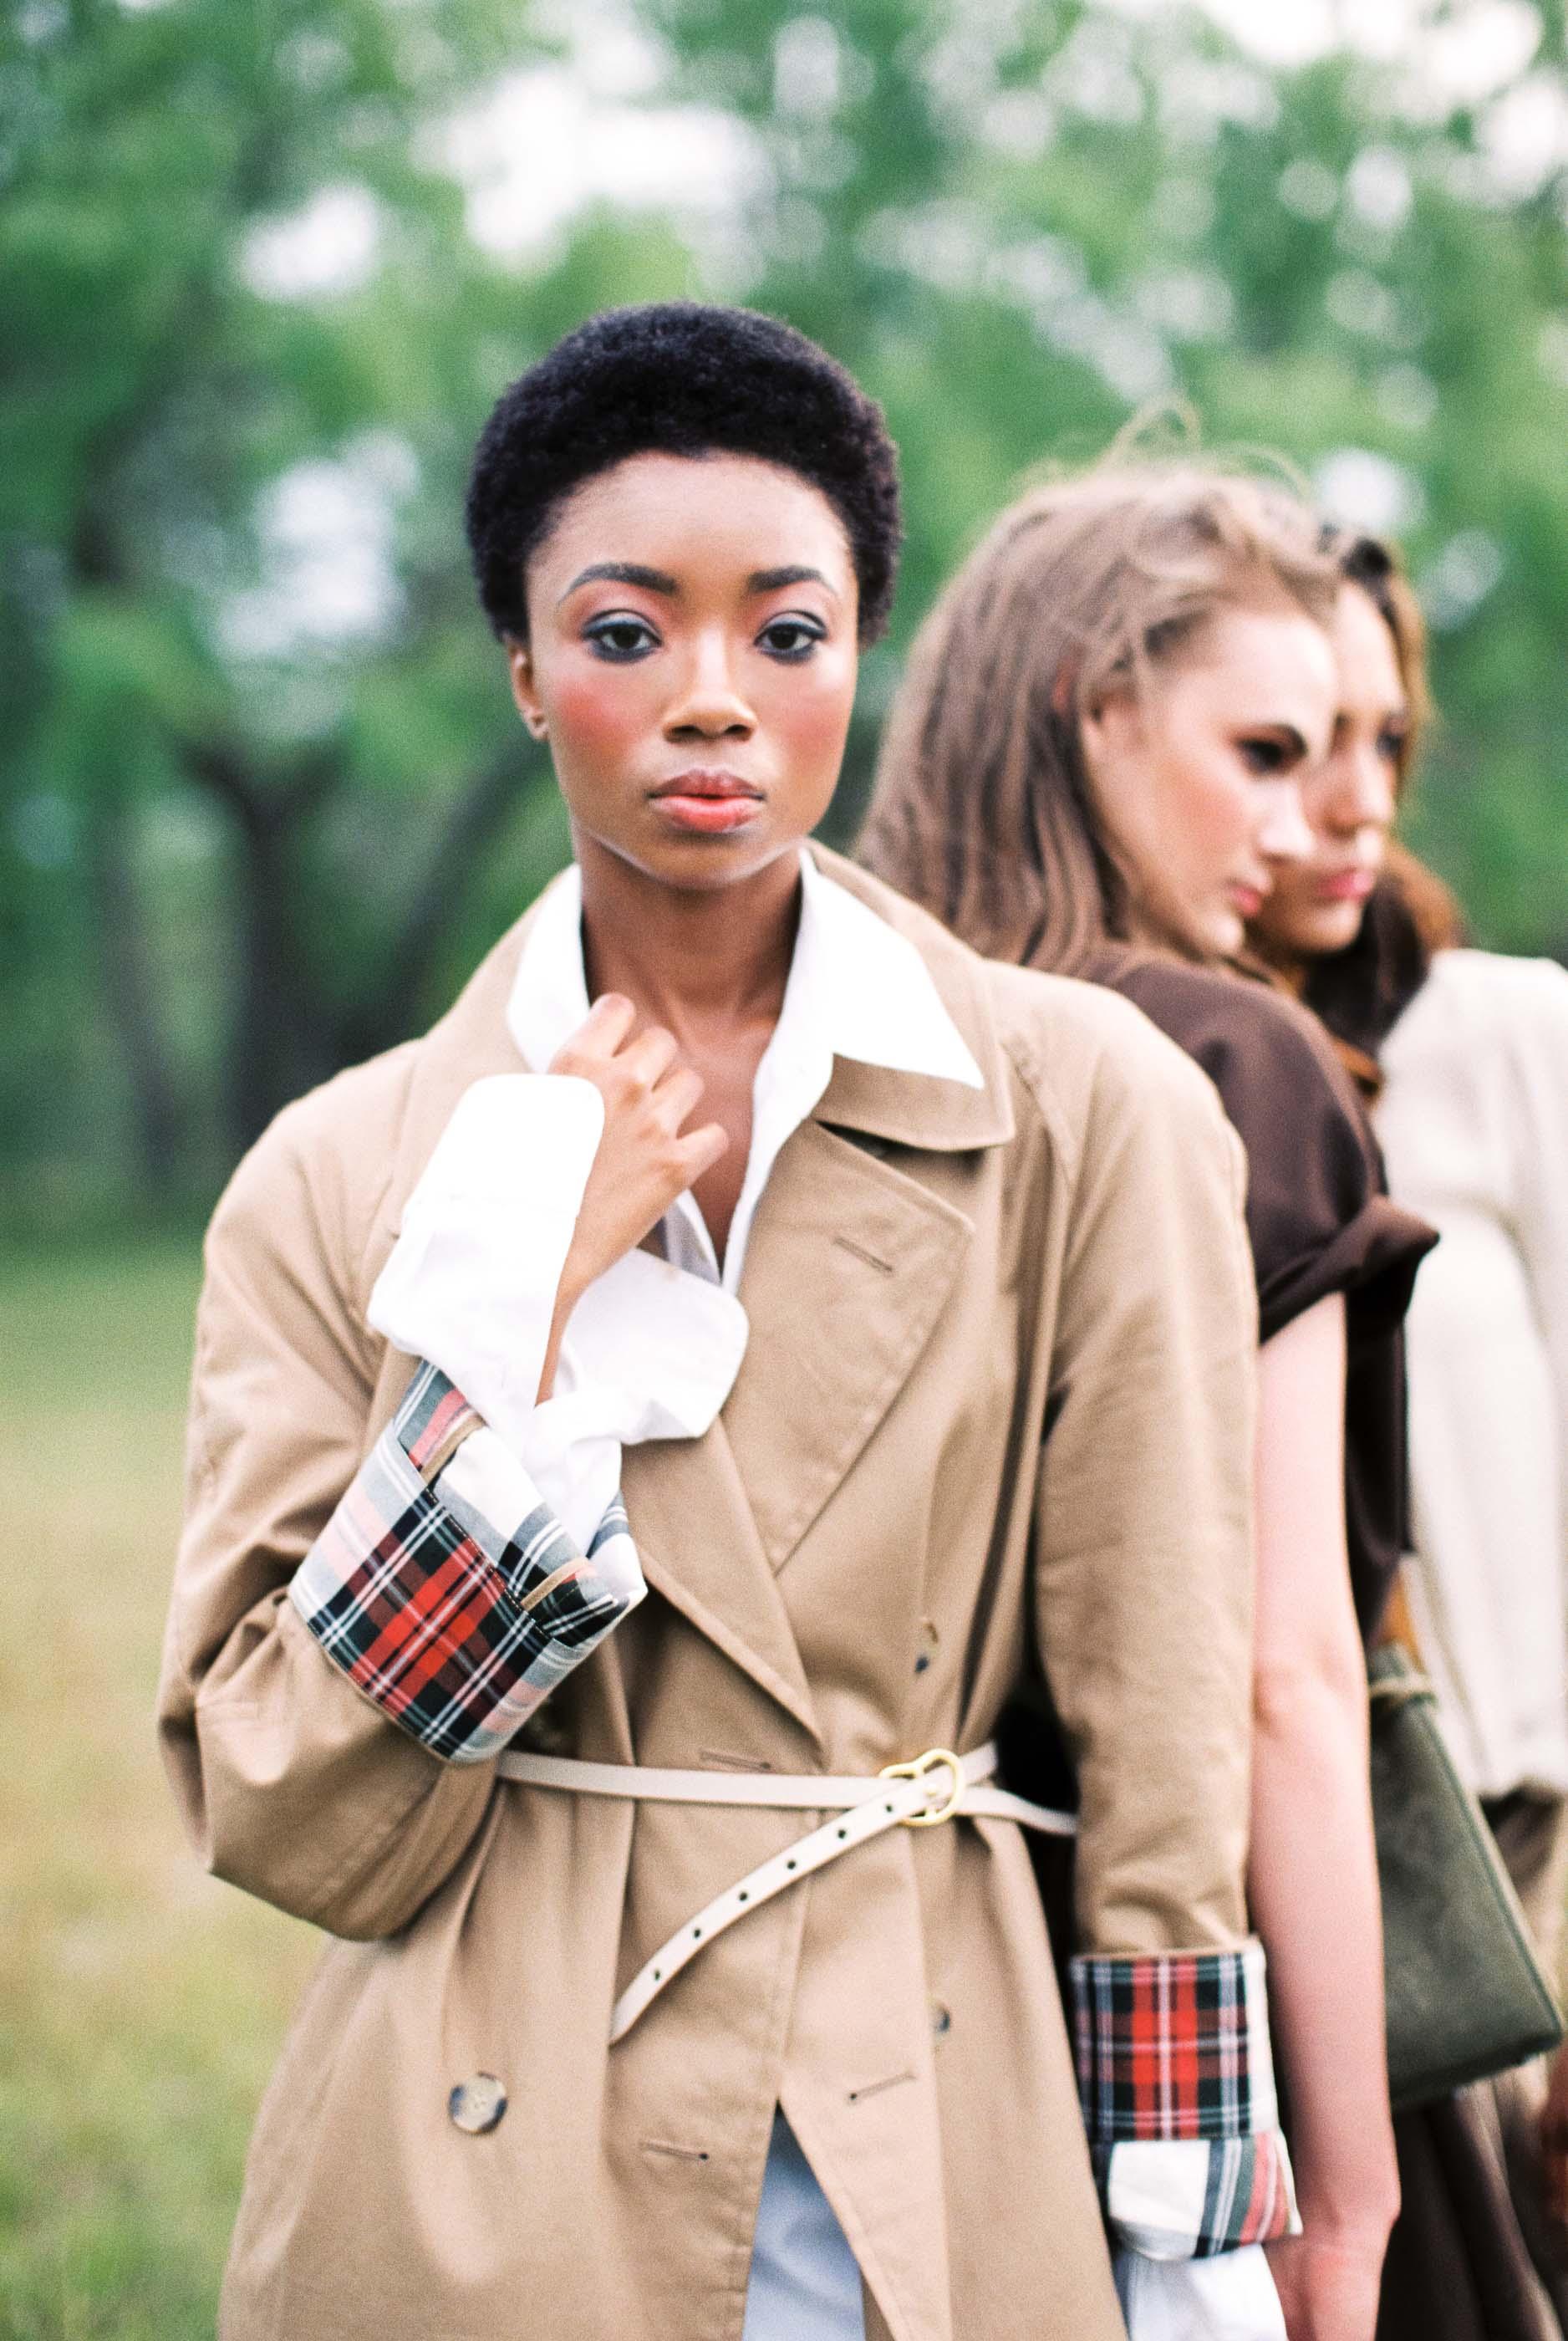 fashion_shoot_ines_zrinski (17 of 64).jpg